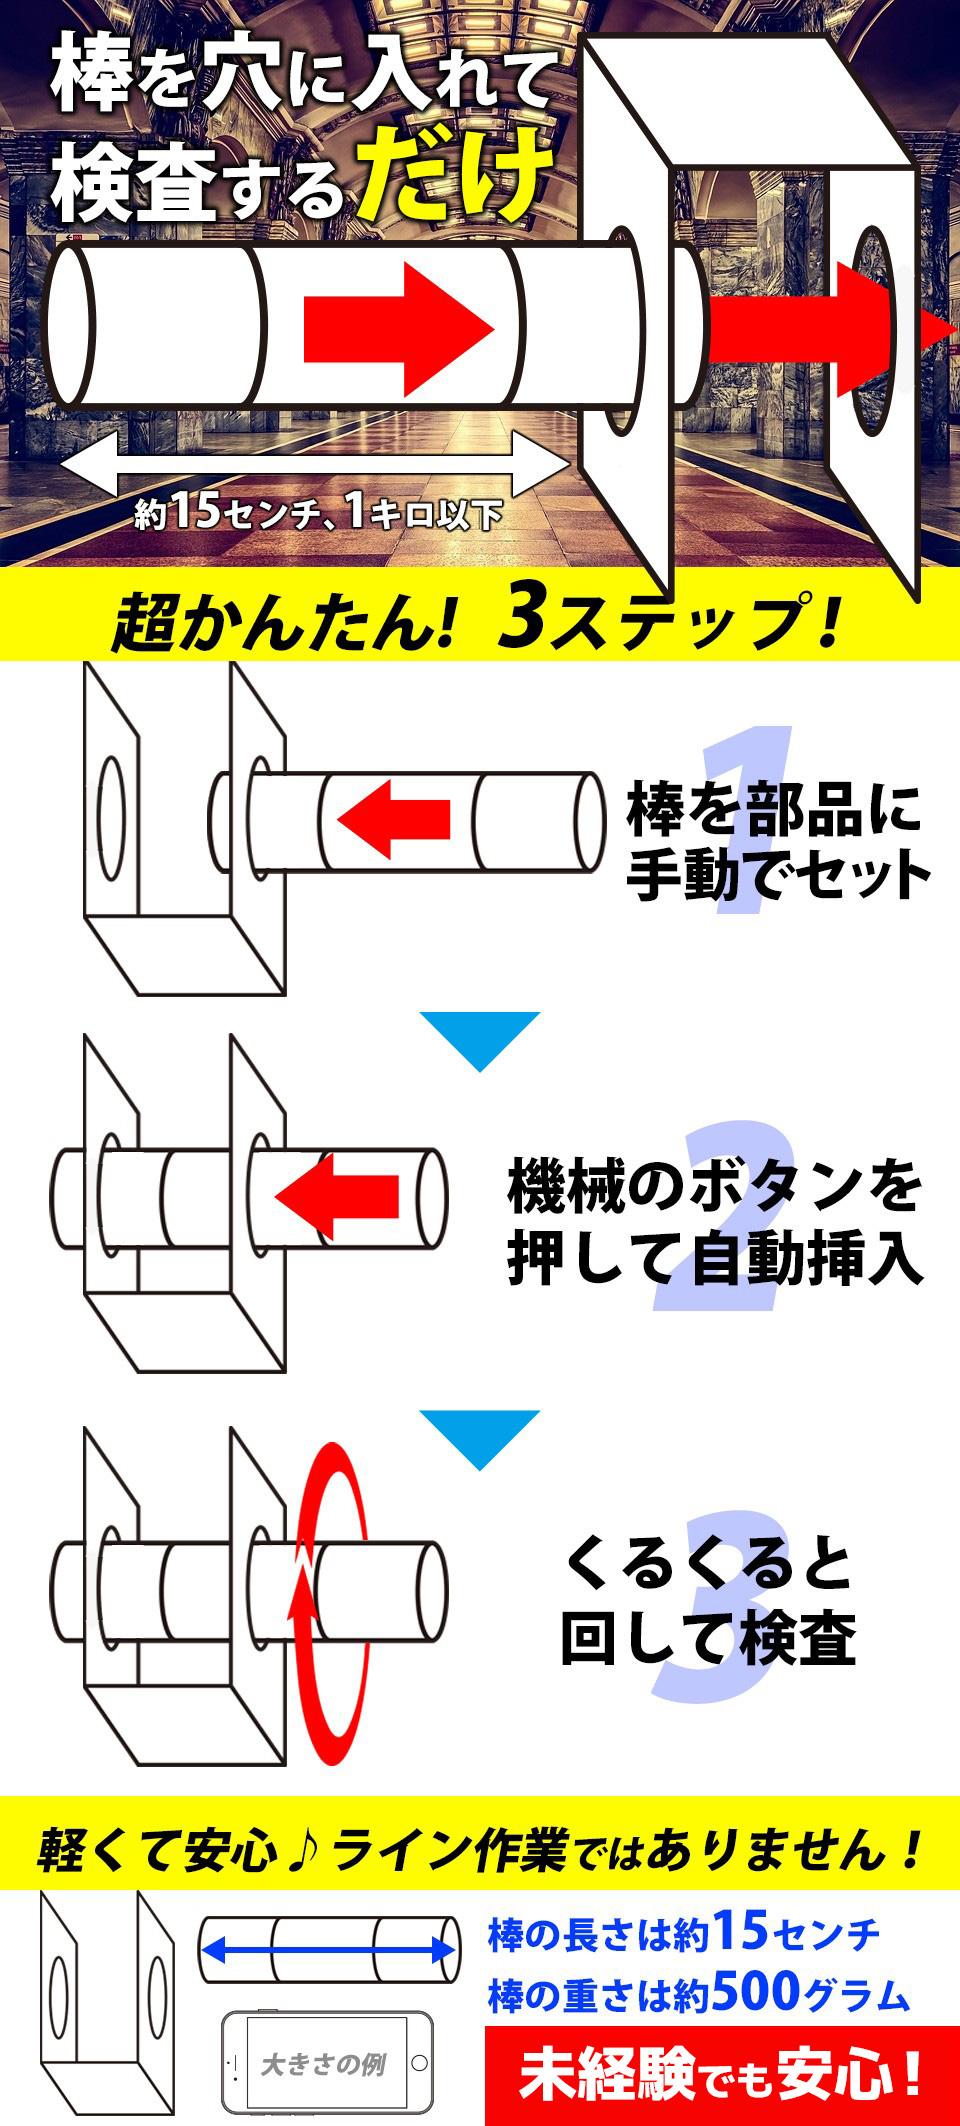 棒を穴に入れるだけ! 愛知県豊川市の派遣社員求人